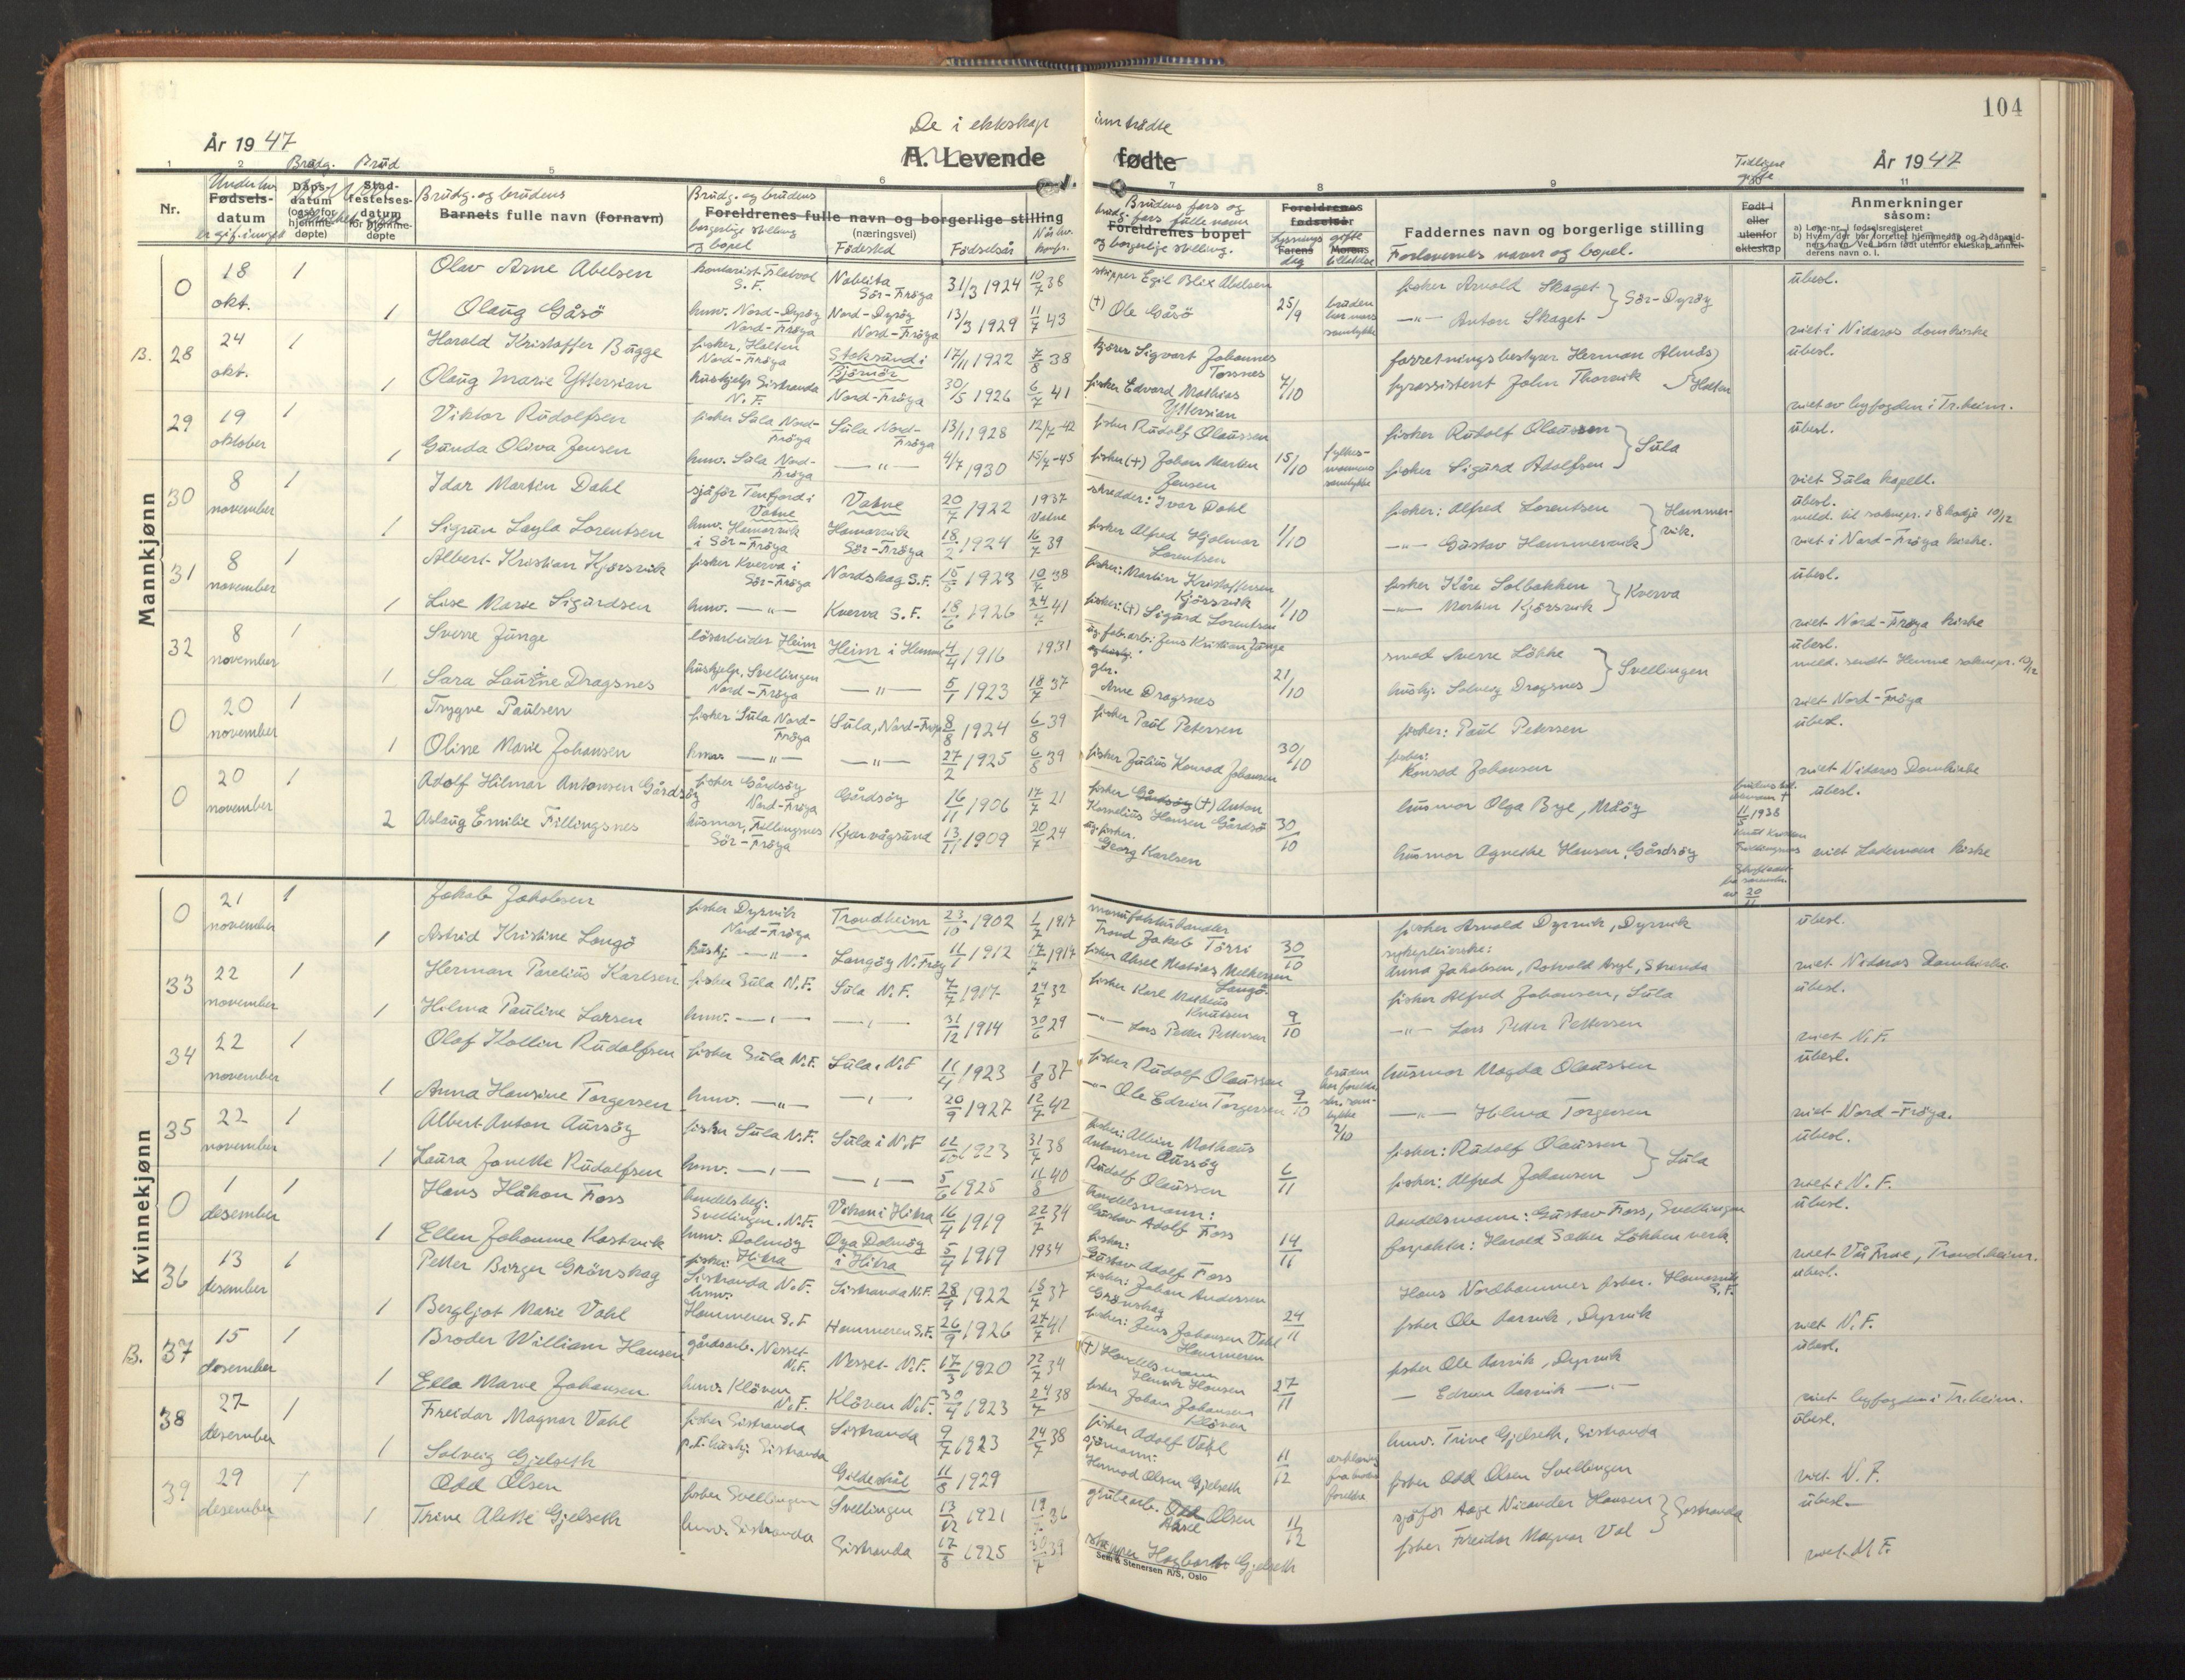 SAT, Ministerialprotokoller, klokkerbøker og fødselsregistre - Sør-Trøndelag, 640/L0590: Klokkerbok nr. 640C07, 1935-1948, s. 104